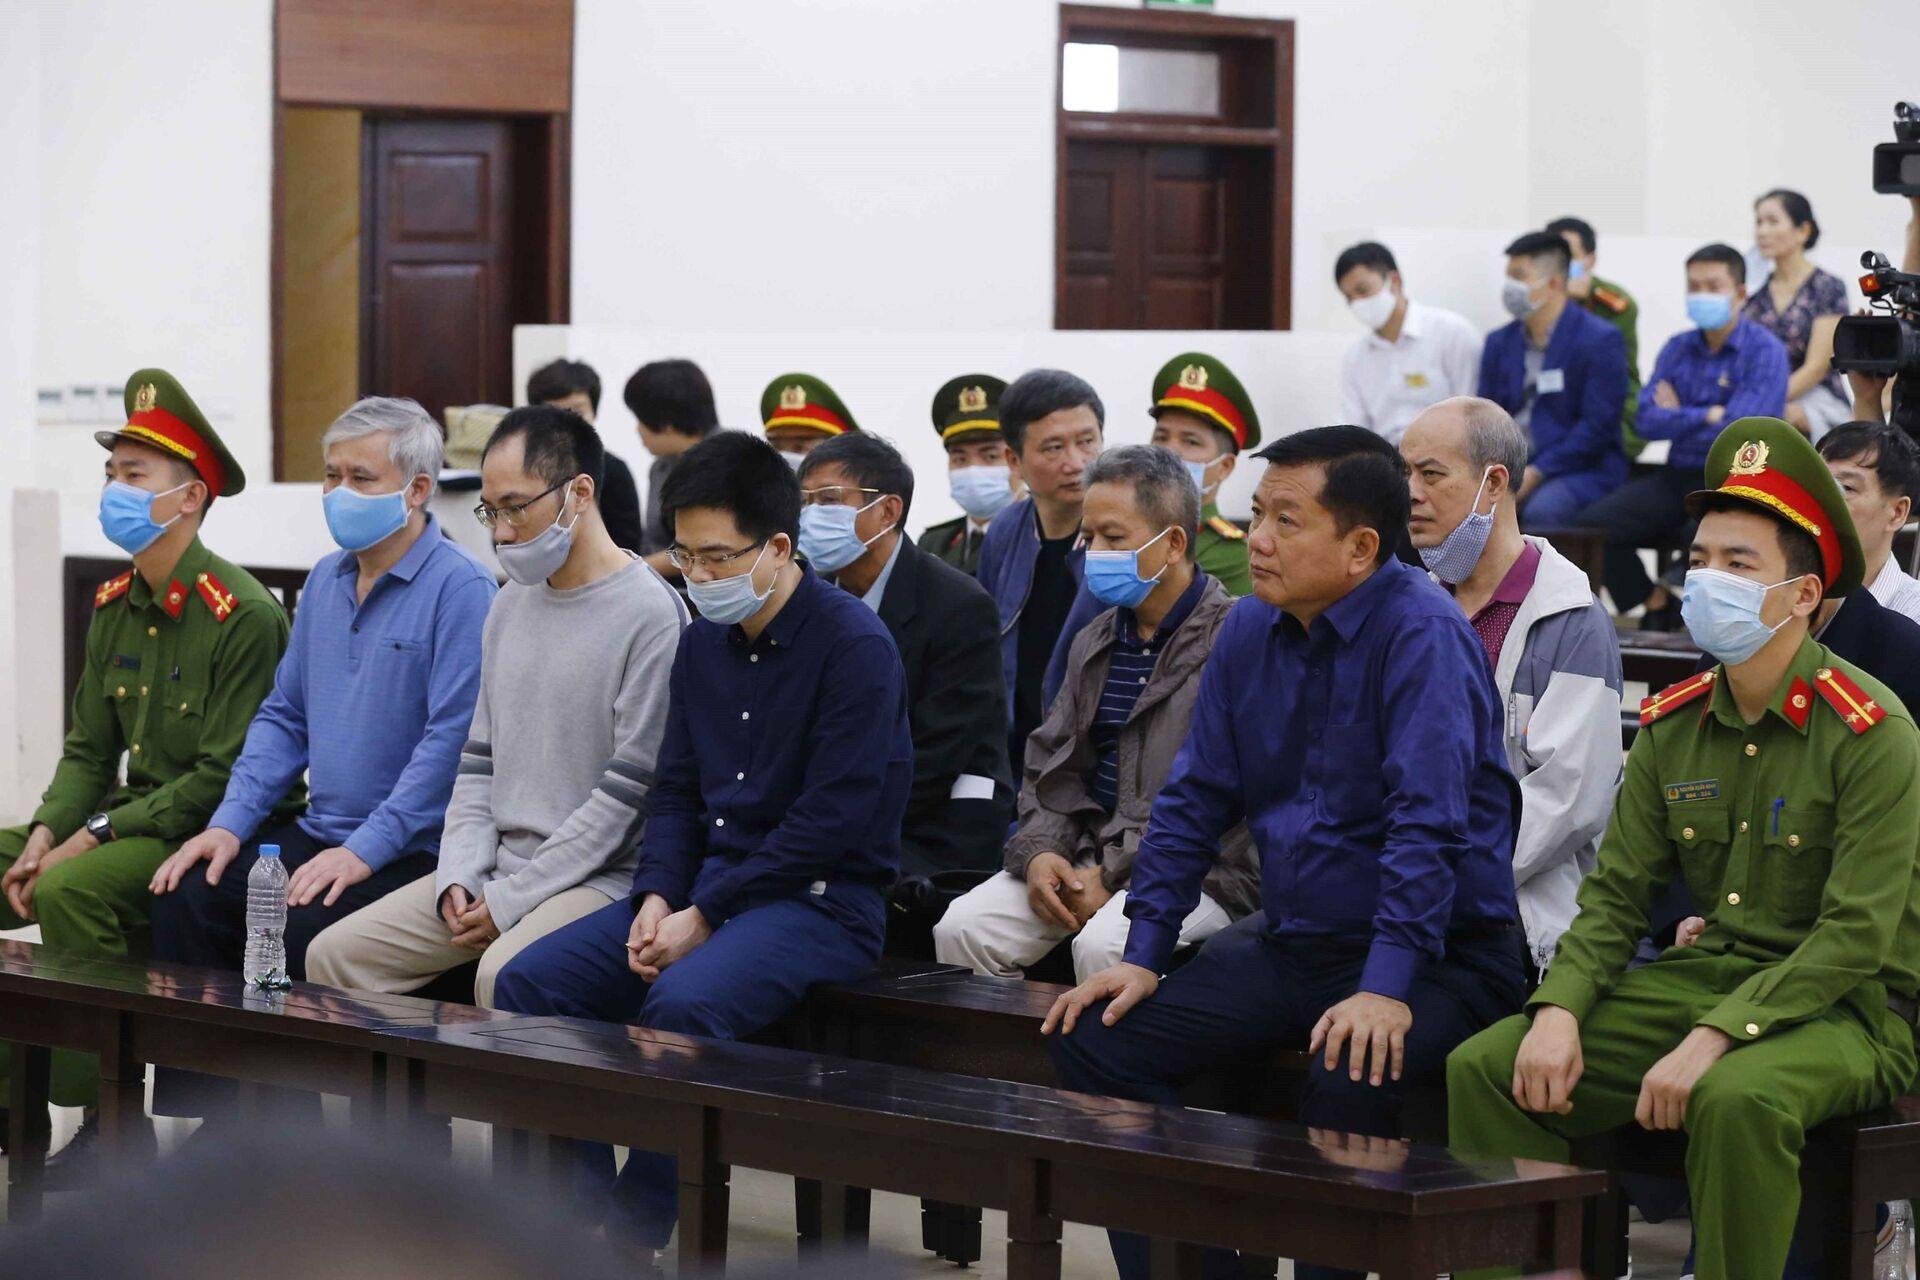 Than 'vô tội', các ông Đinh La Thăng, Trịnh Xuân Thanh vẫn lĩnh án tù nghiêm minh - Sputnik Việt Nam, 1920, 15.03.2021